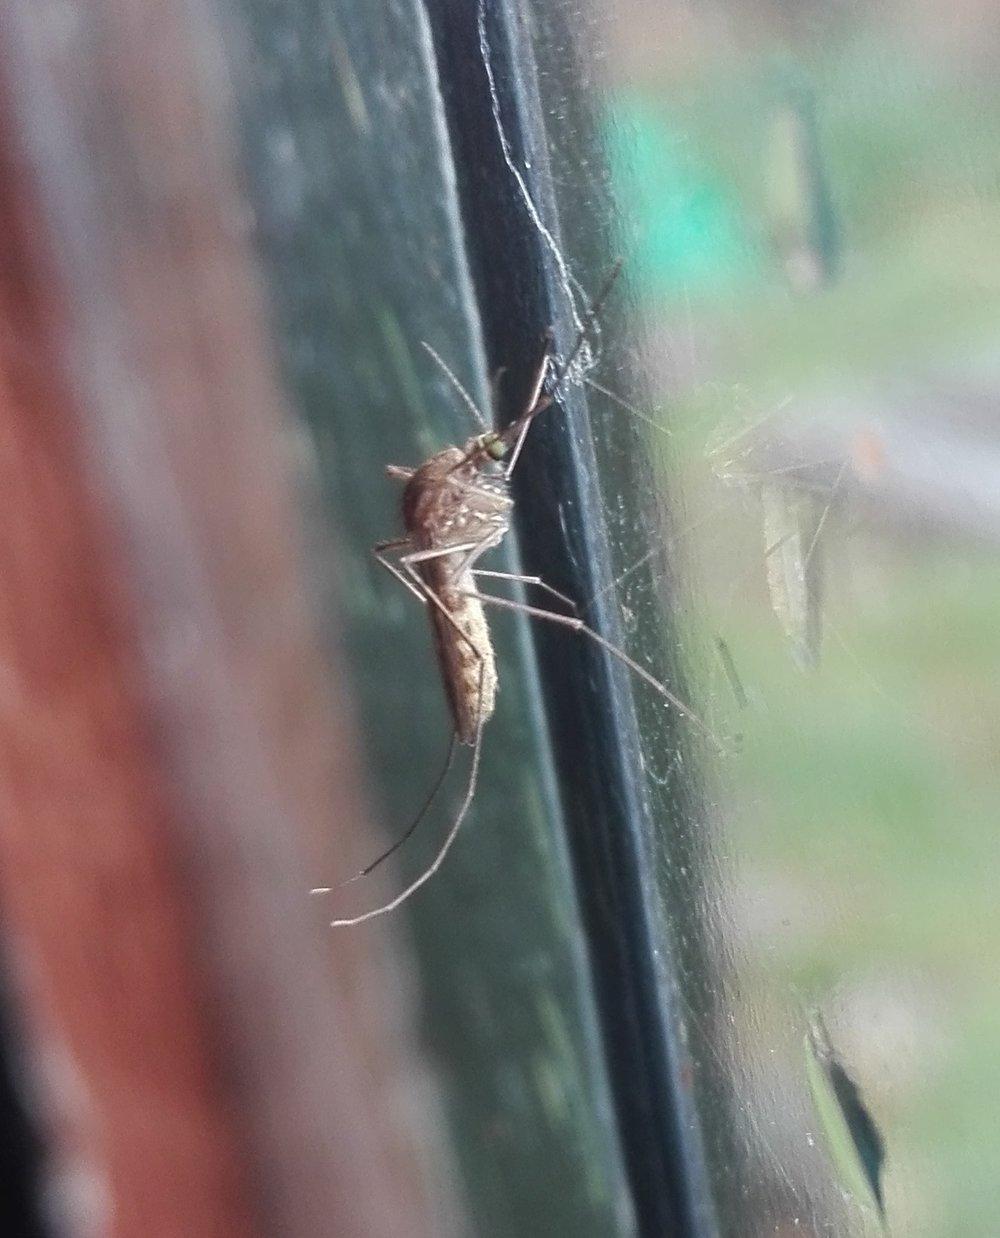 #332 Common House Mosquito (Culex pipiens)